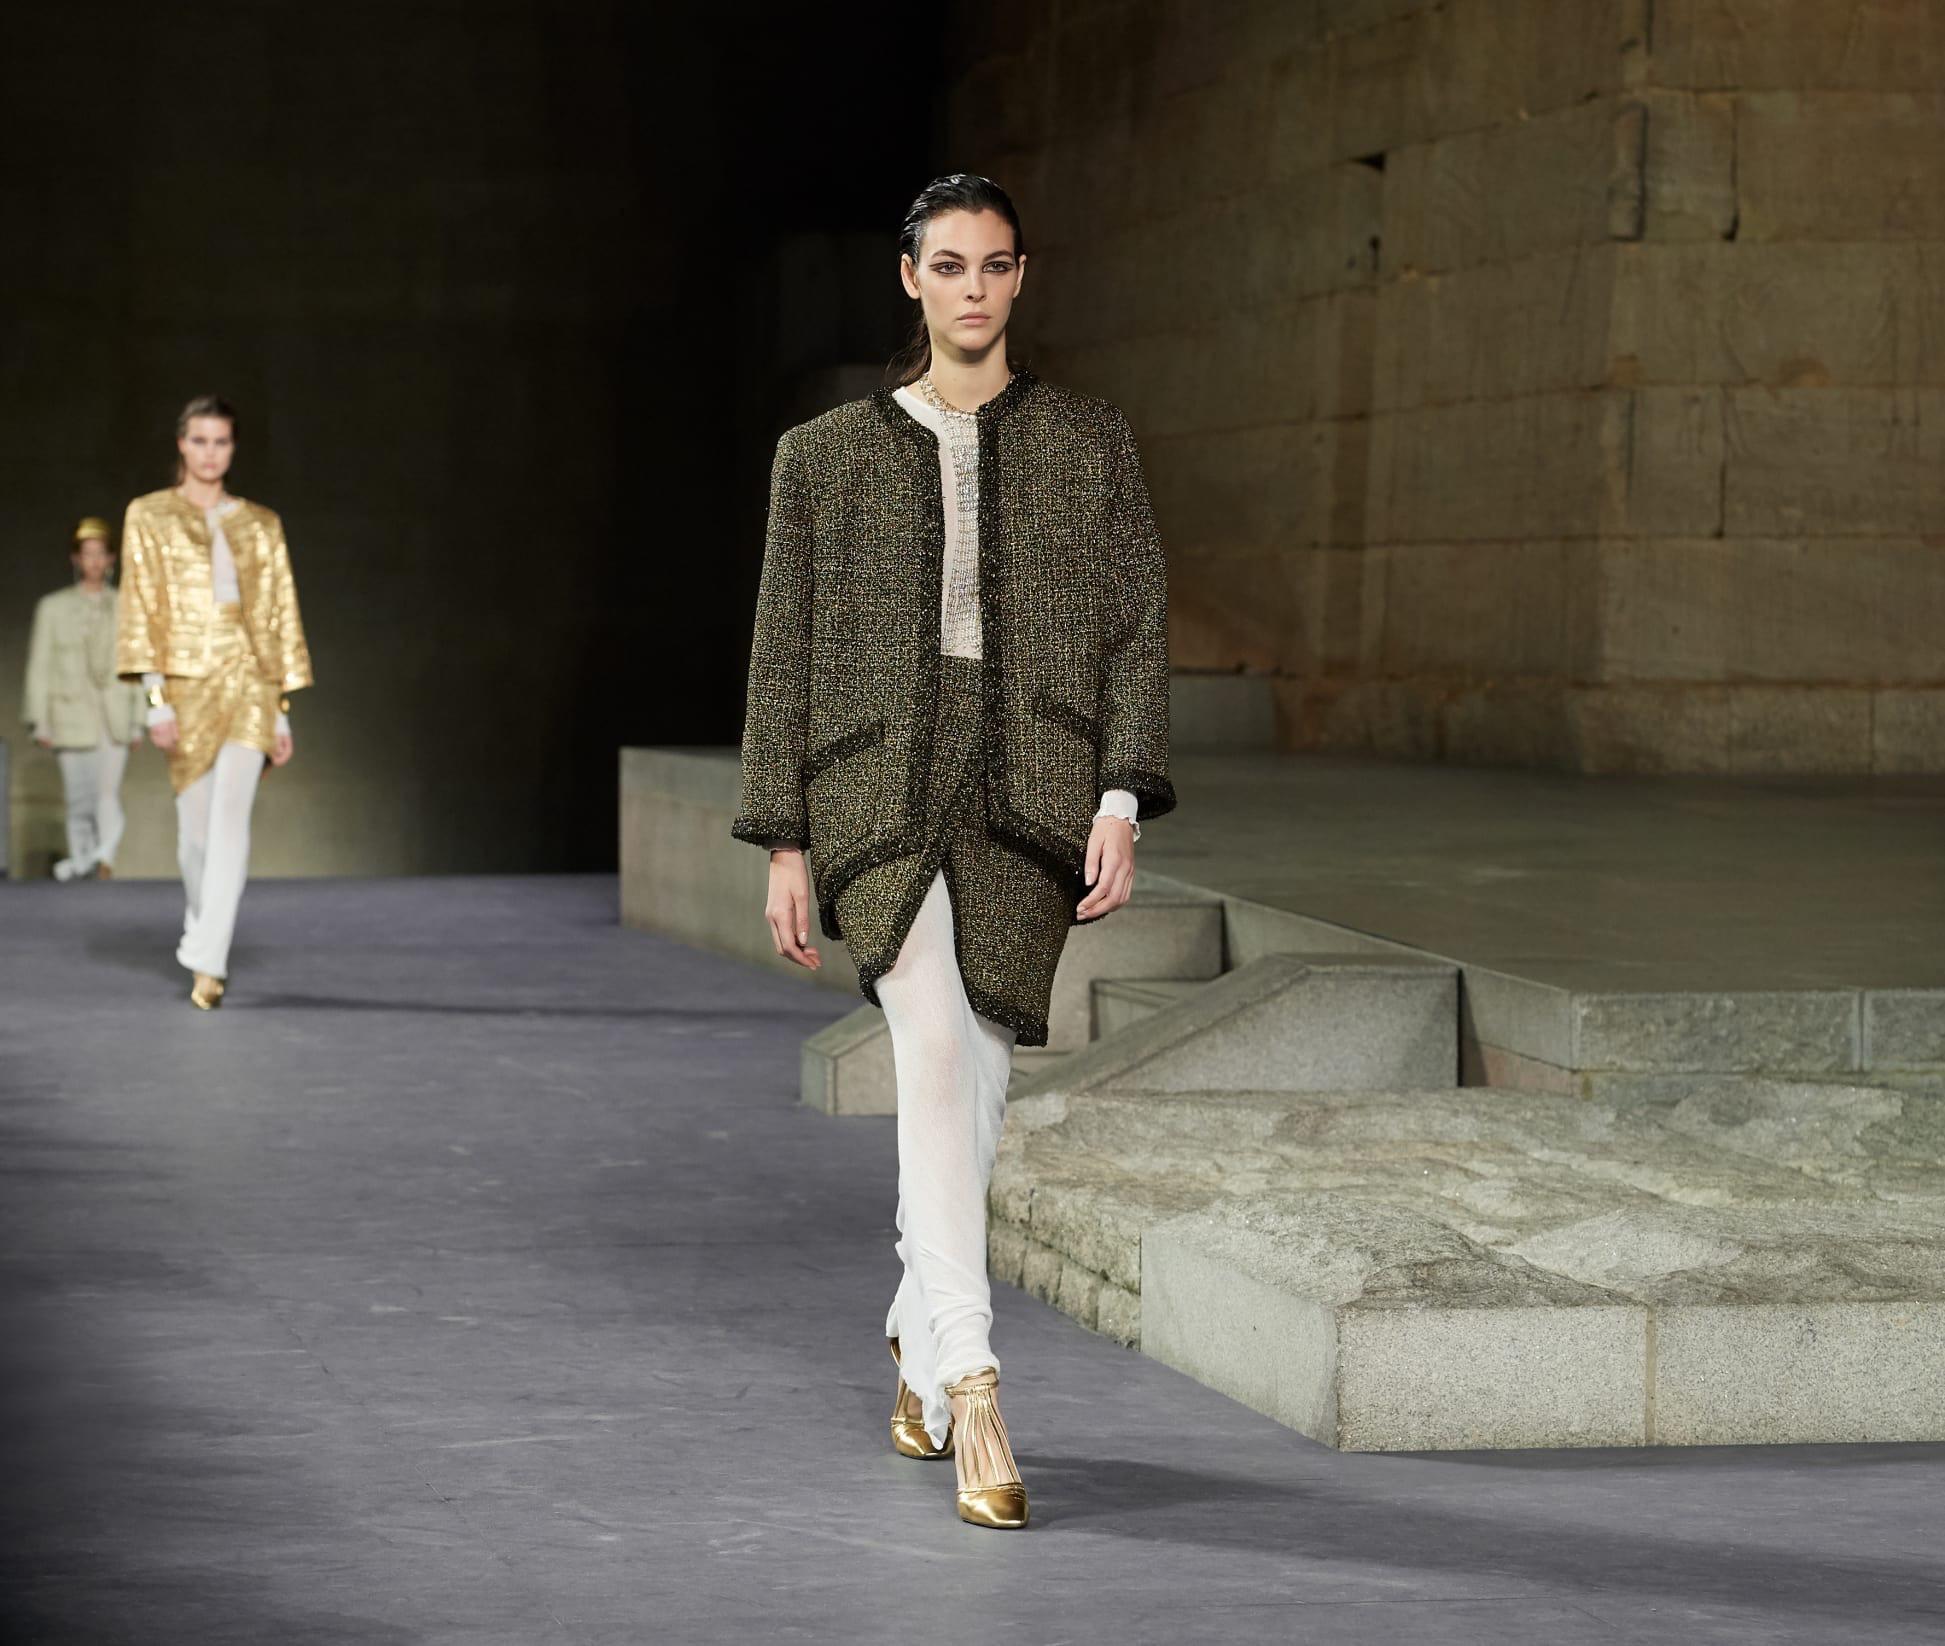 CHANEL Métiers d'art Paris New York Look 1 Esprit de Gabrielle espritdegabrielle.com